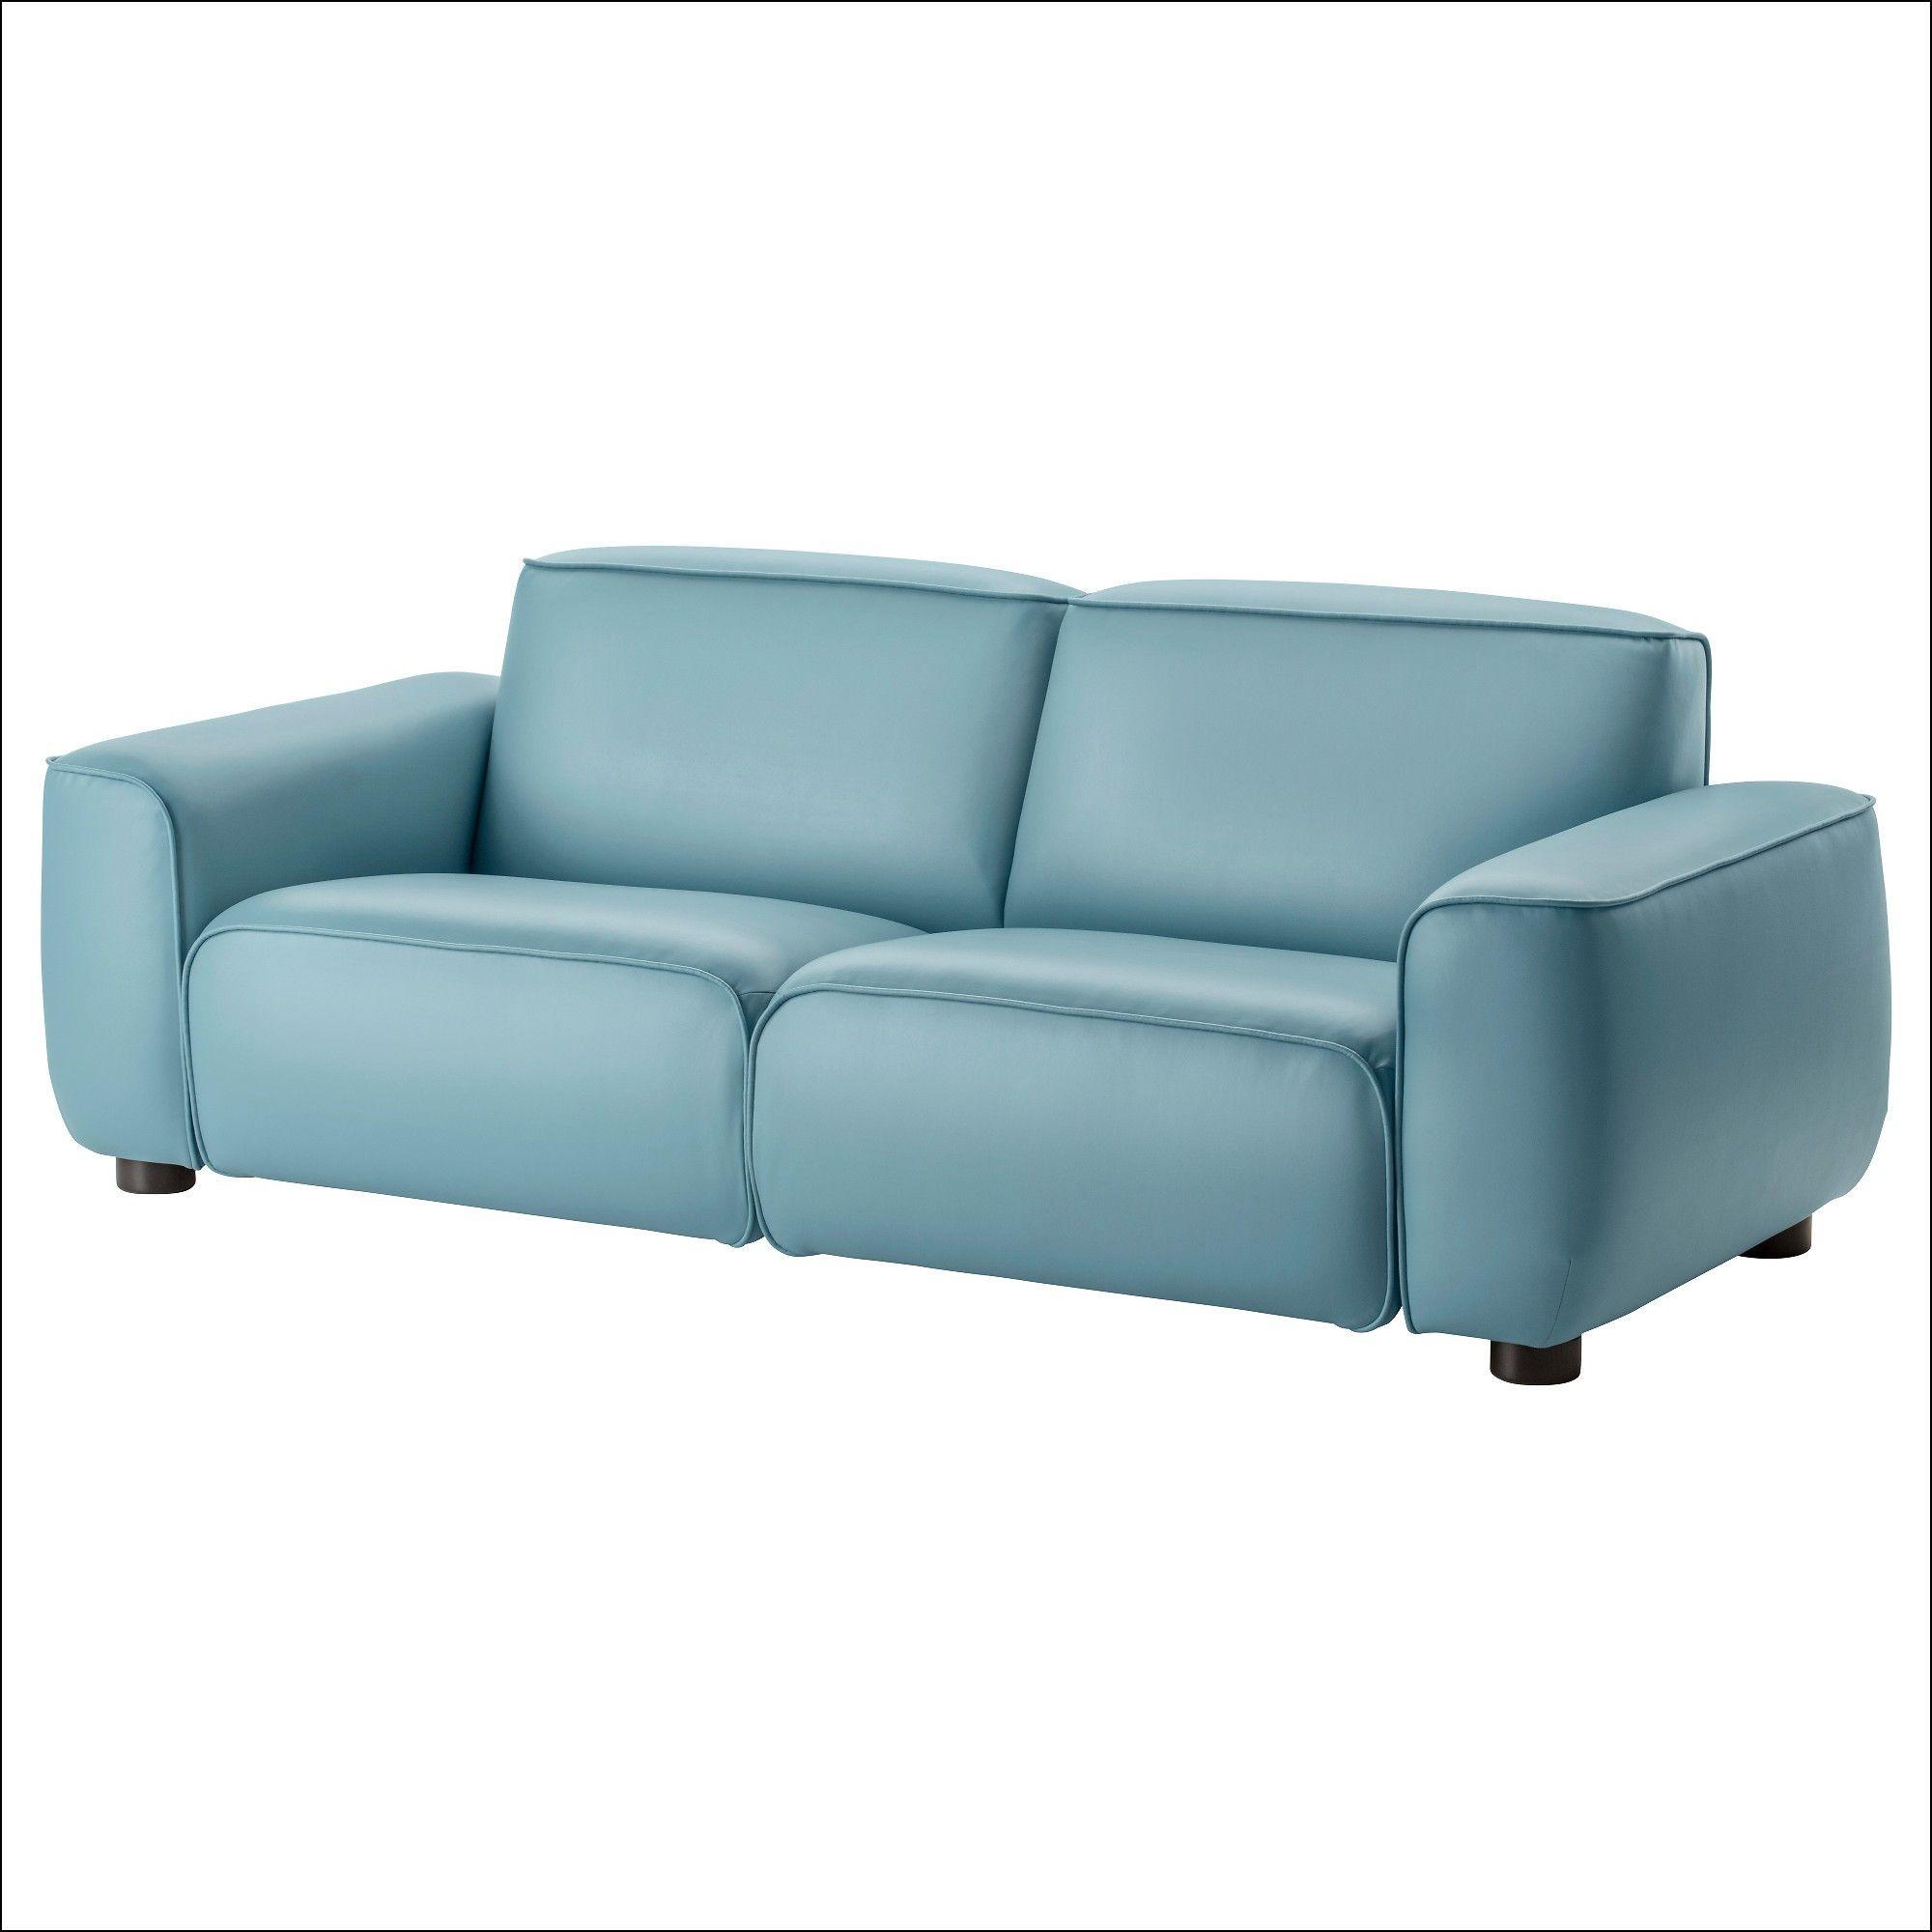 Blue Leather Sofa Ikea Blue Leather Sofa Ikea Sofa Faux Leather Sofa